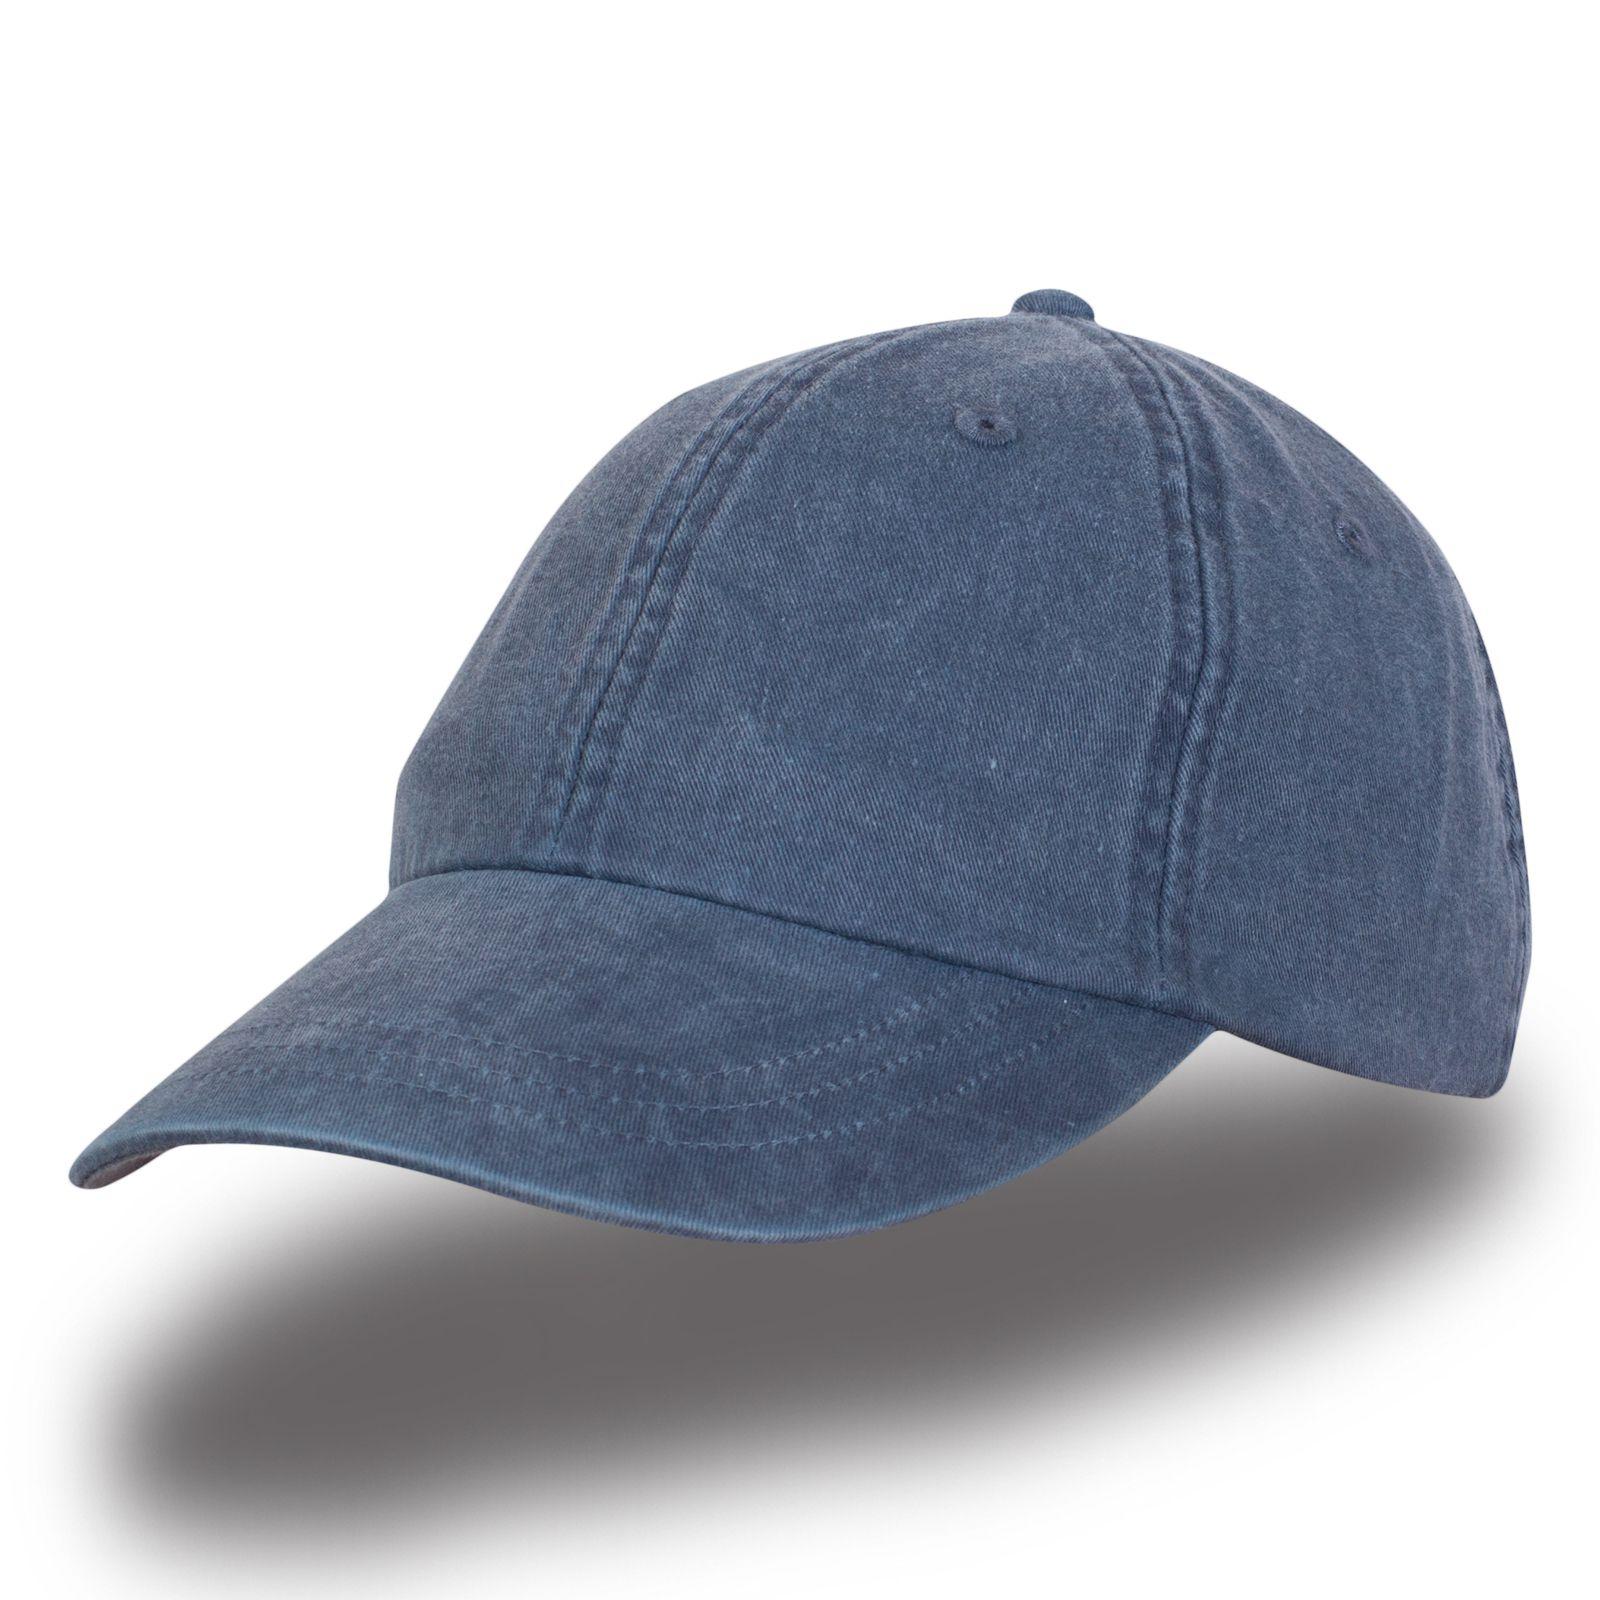 Голубая кепка - купить в интернет-магазине с доставкой